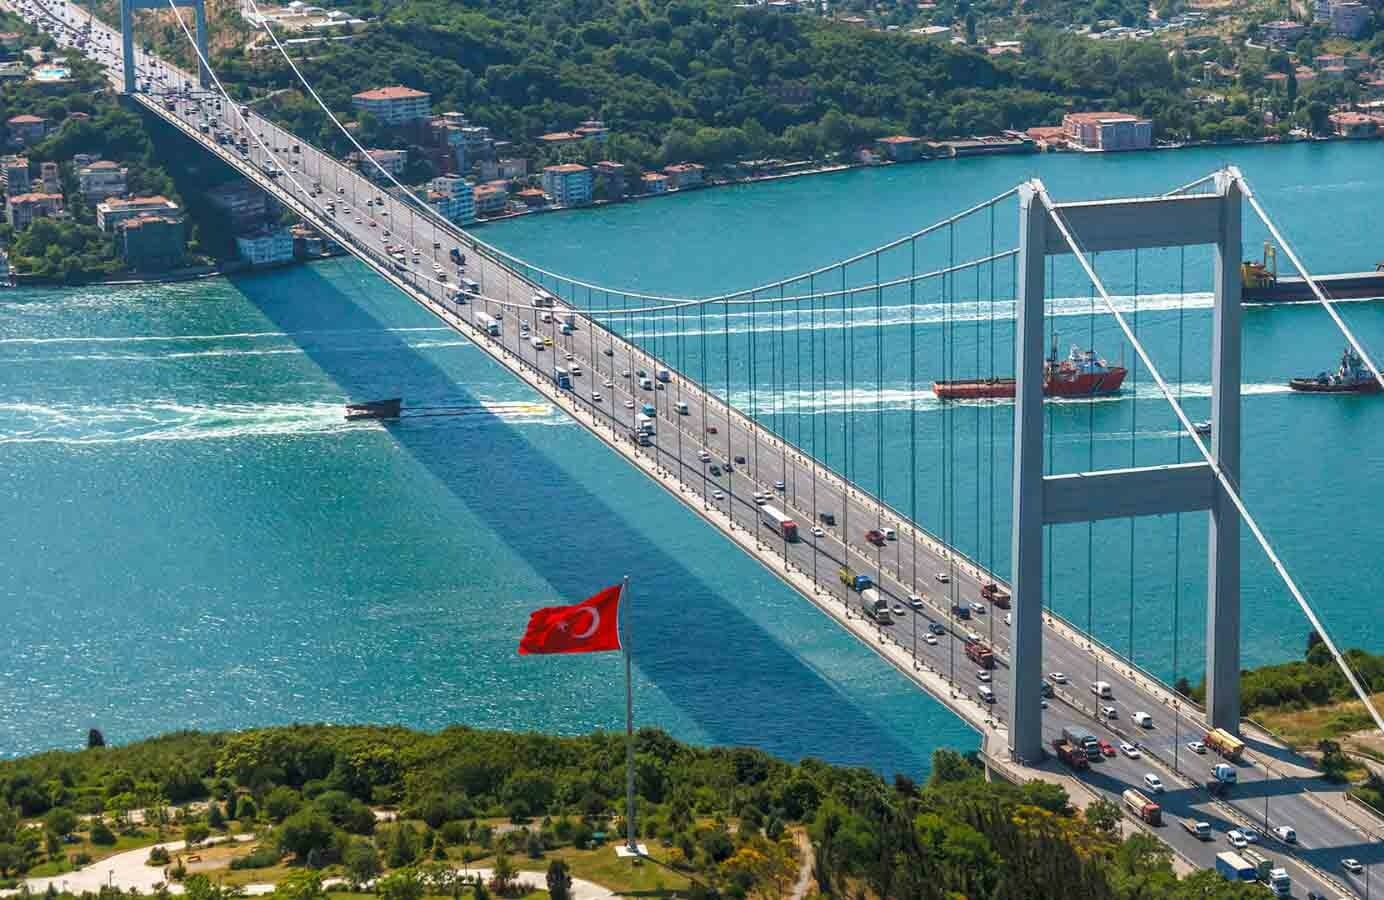 الجسور والطرق السريعة في إسطنبول مجانية خلال أيام عطلة عيد الأضحى